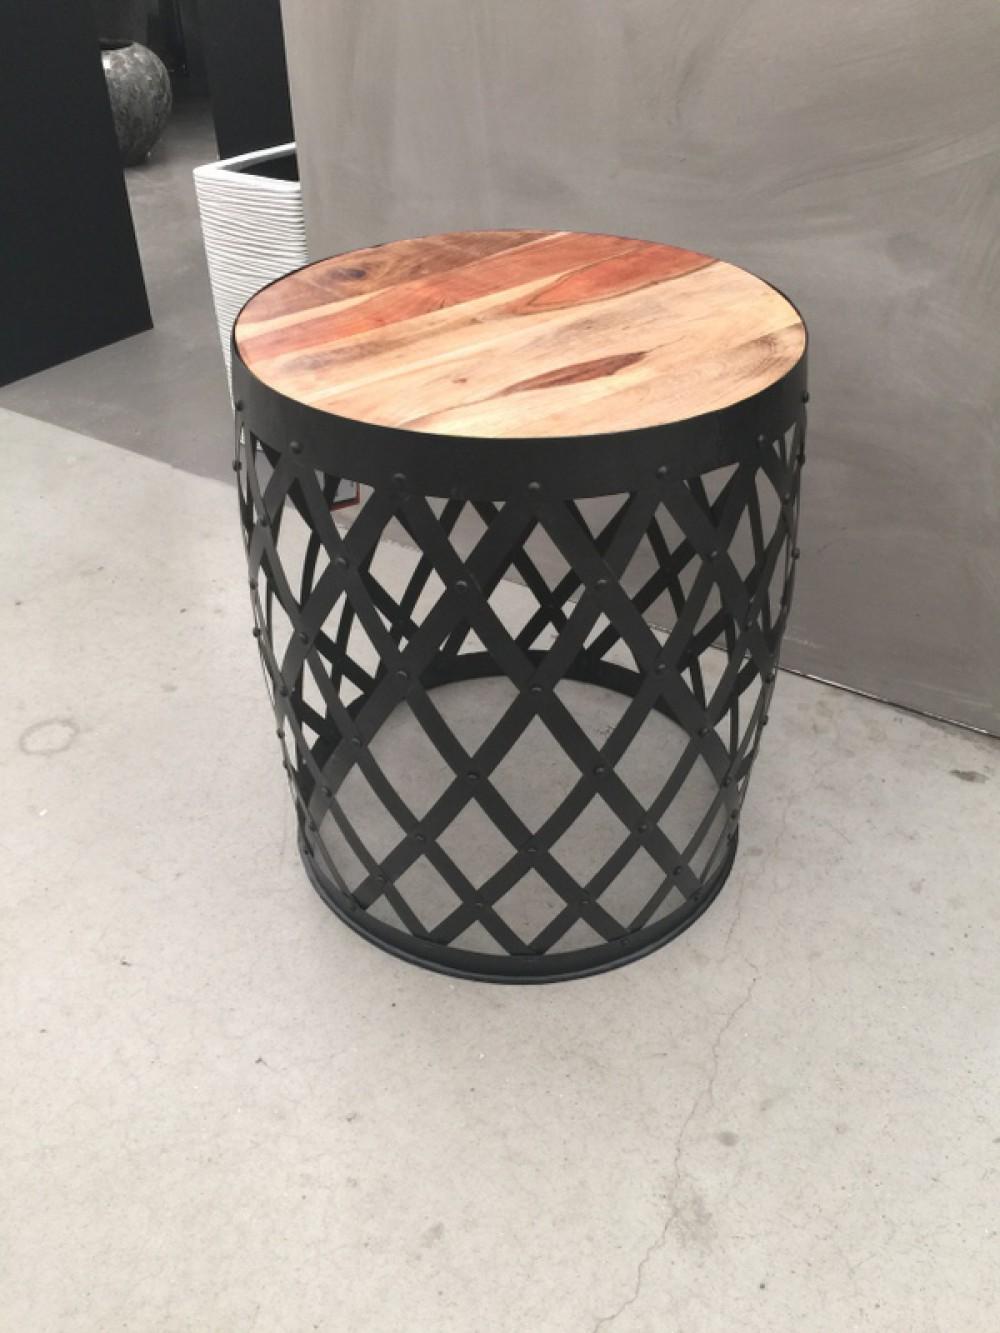 beistelltisch rund metall schwarz beistelltisch industrie. Black Bedroom Furniture Sets. Home Design Ideas